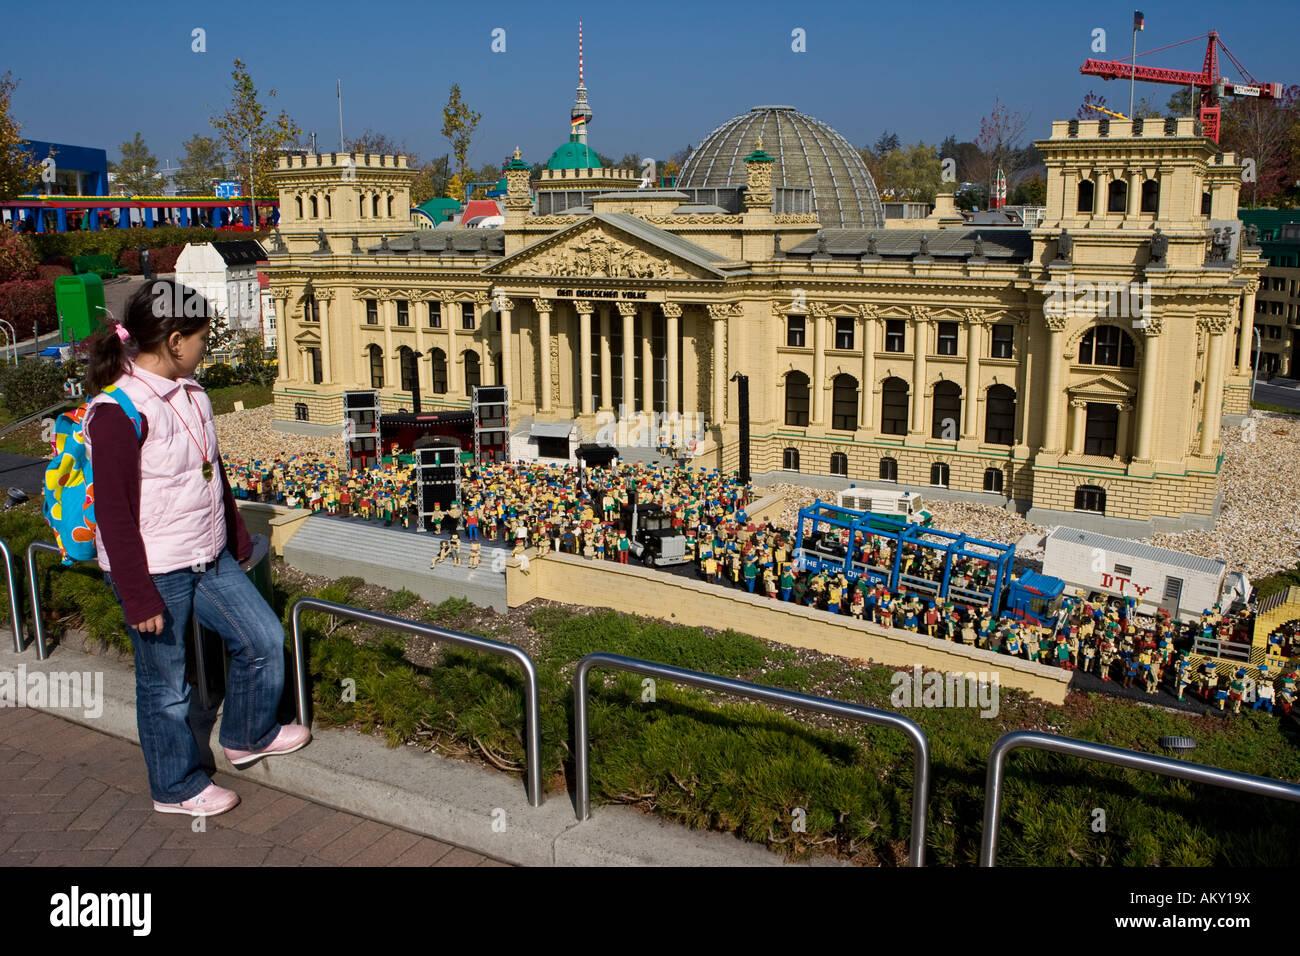 Model of Berlin, Legol...